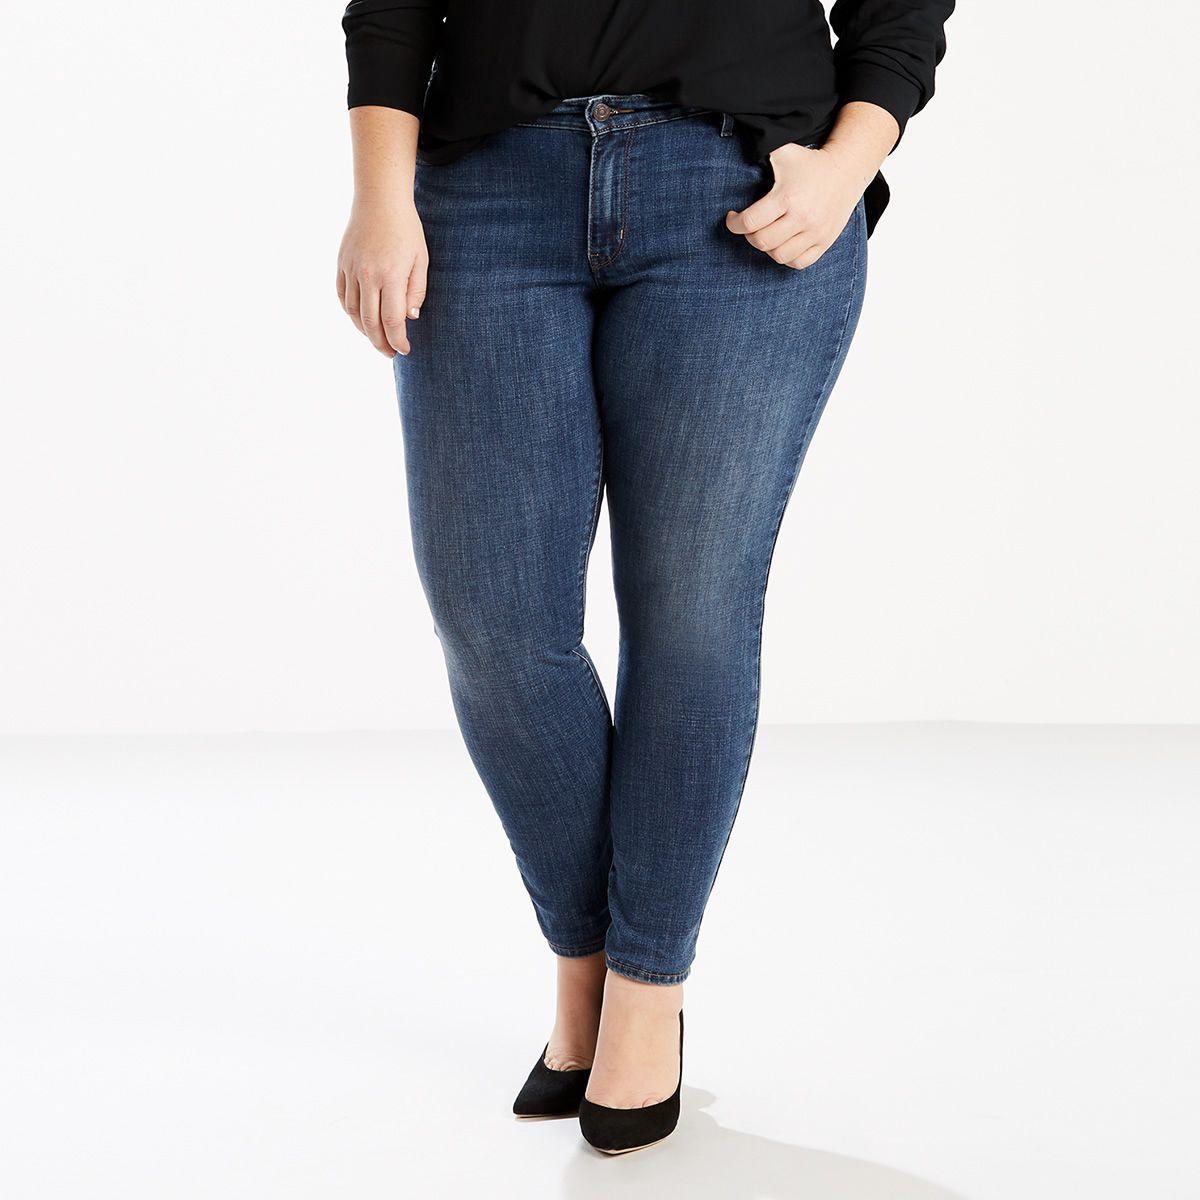 98375de222 Plus Size Levis Jeans & Clothing - Macy's